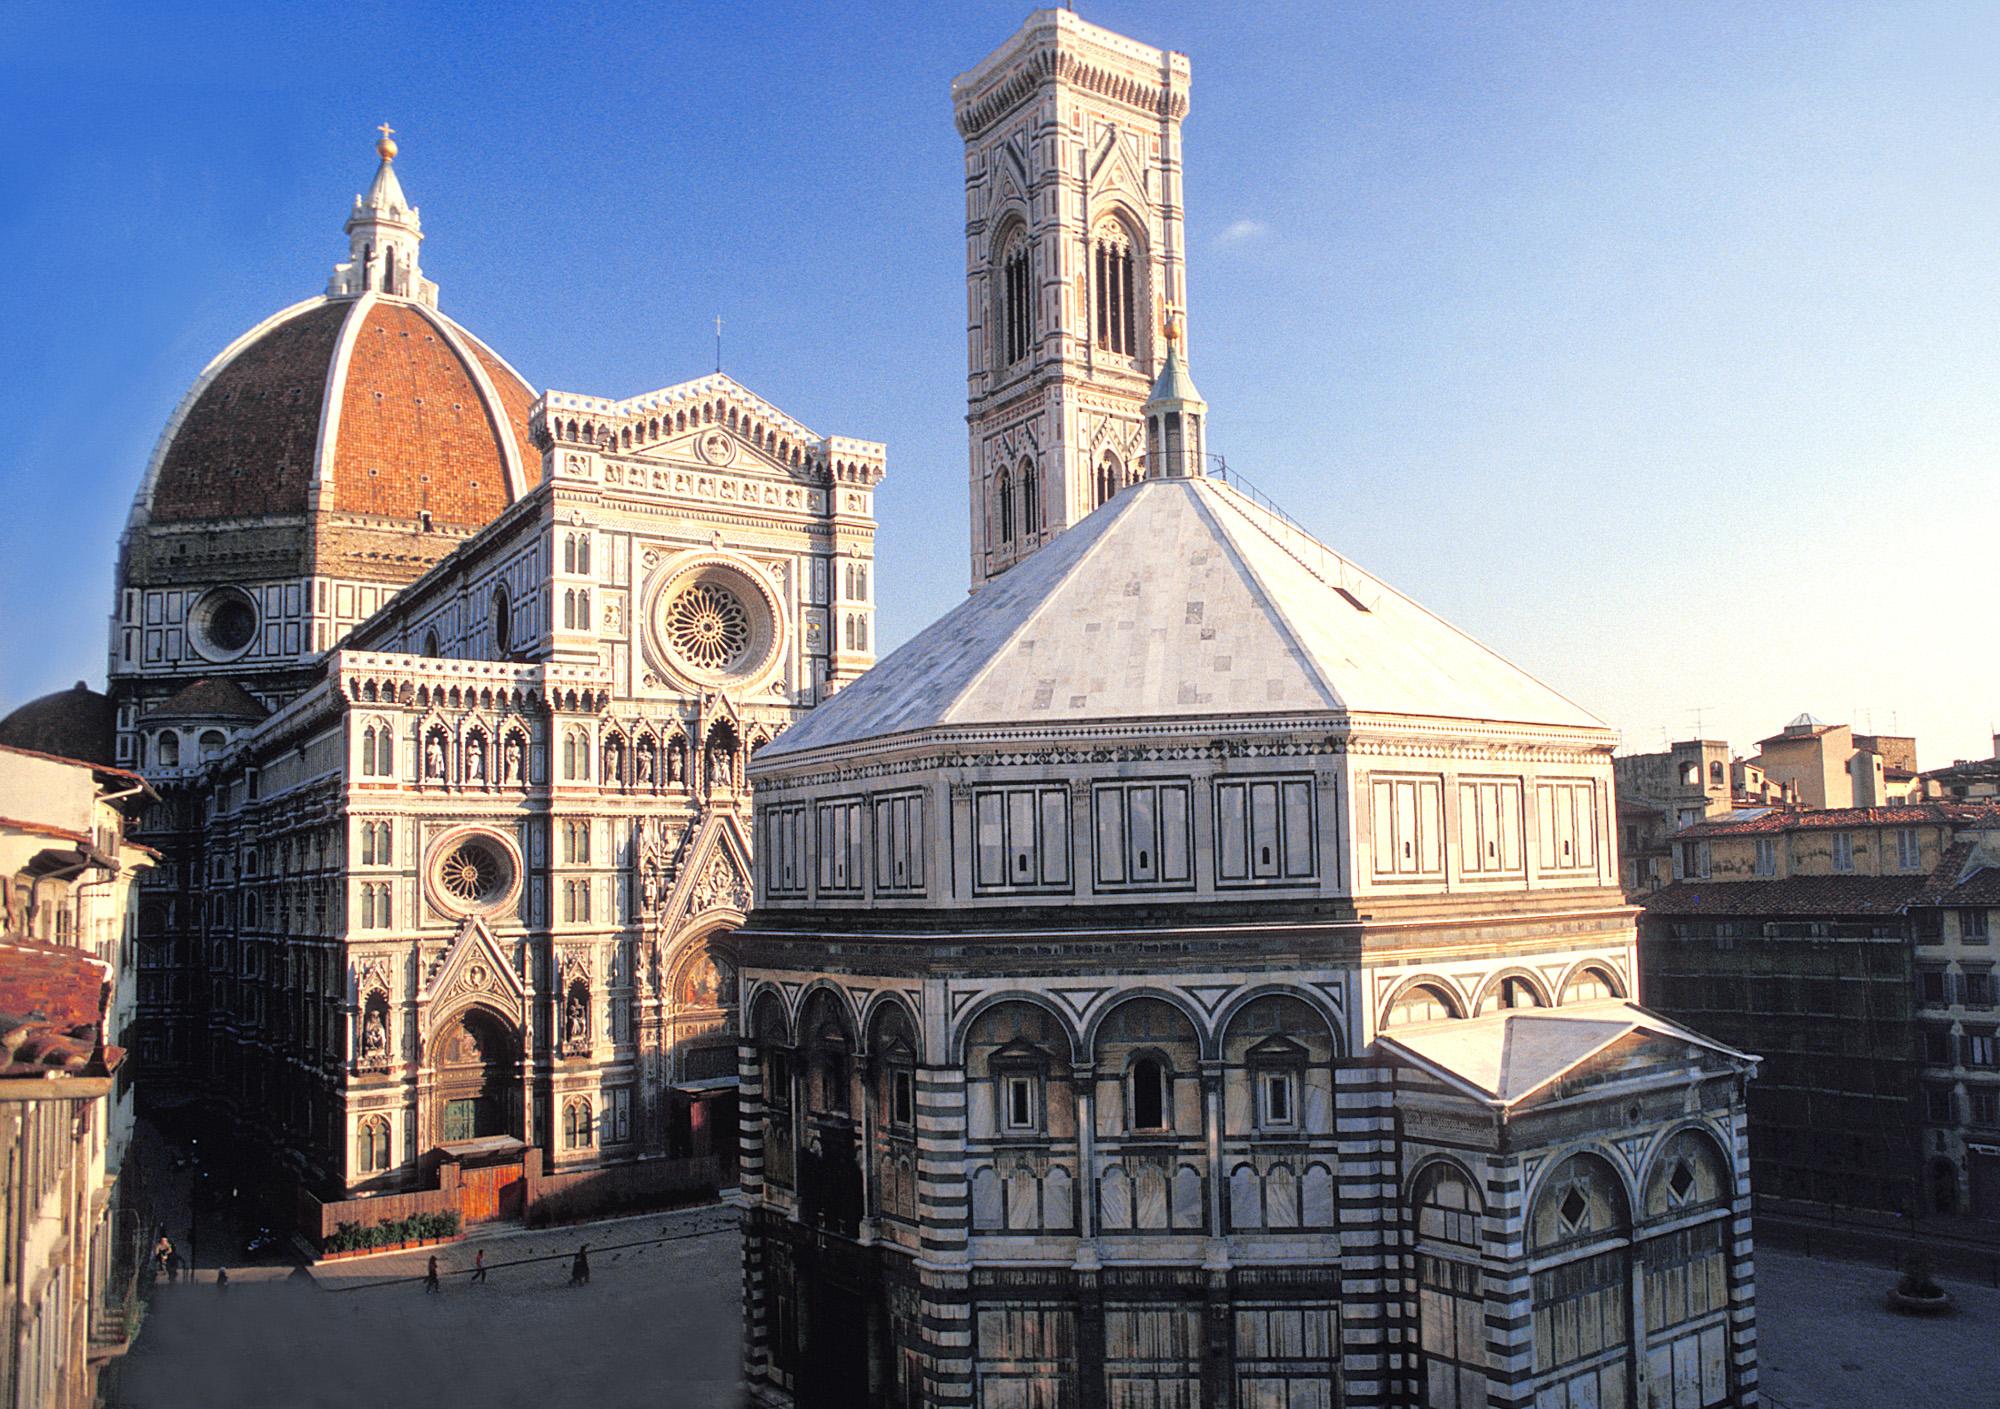 Complesso del Duomo Firenze